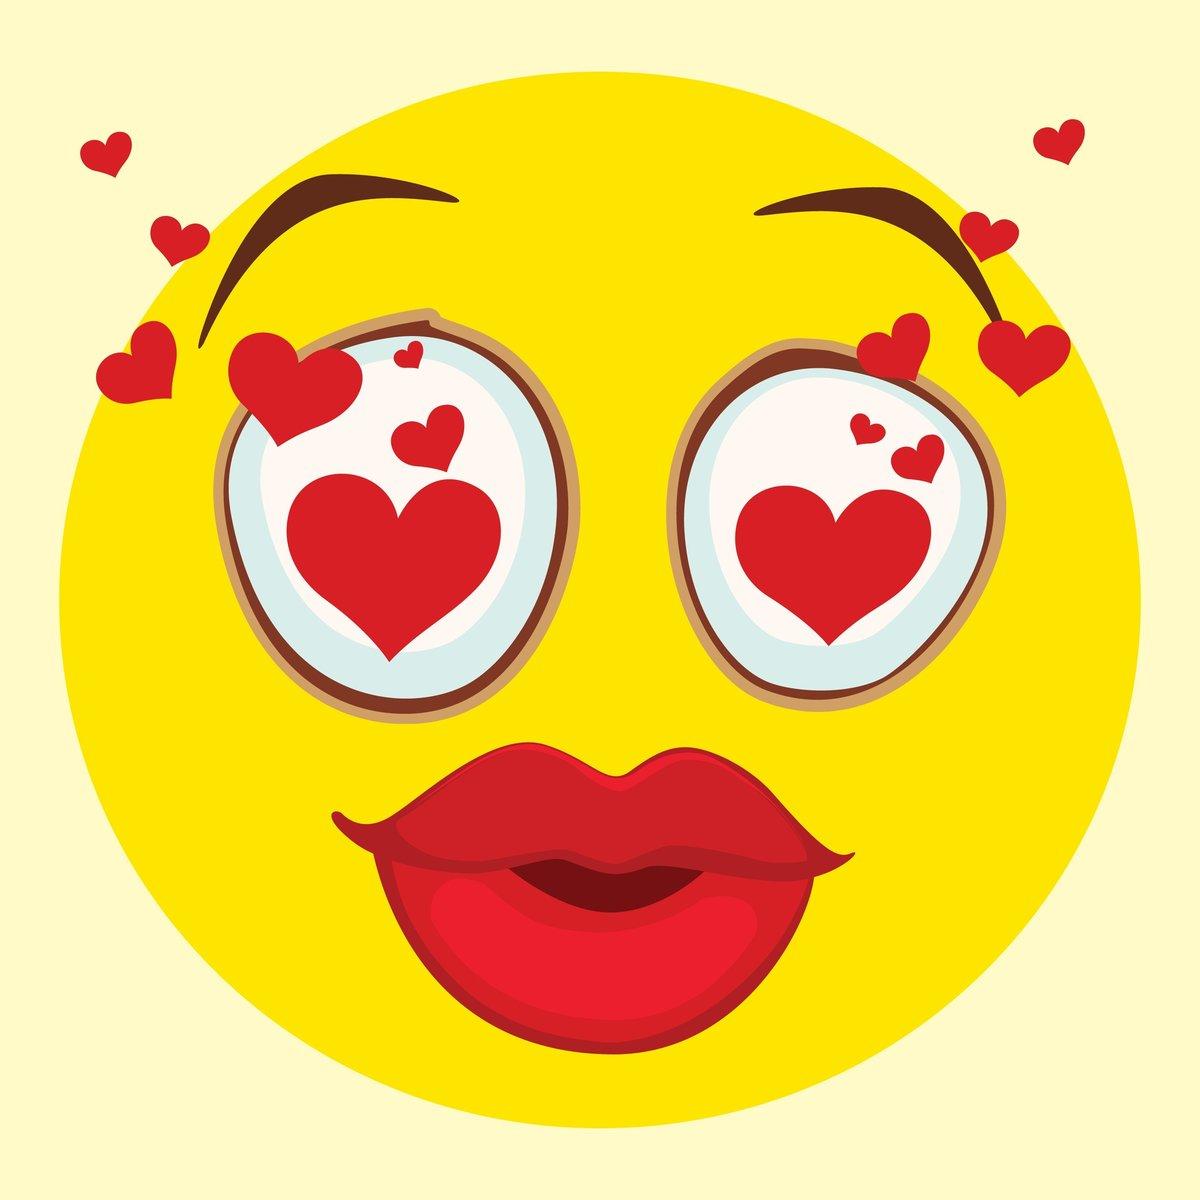 Прикольные картинки поцелуйчики, надписью любите тех